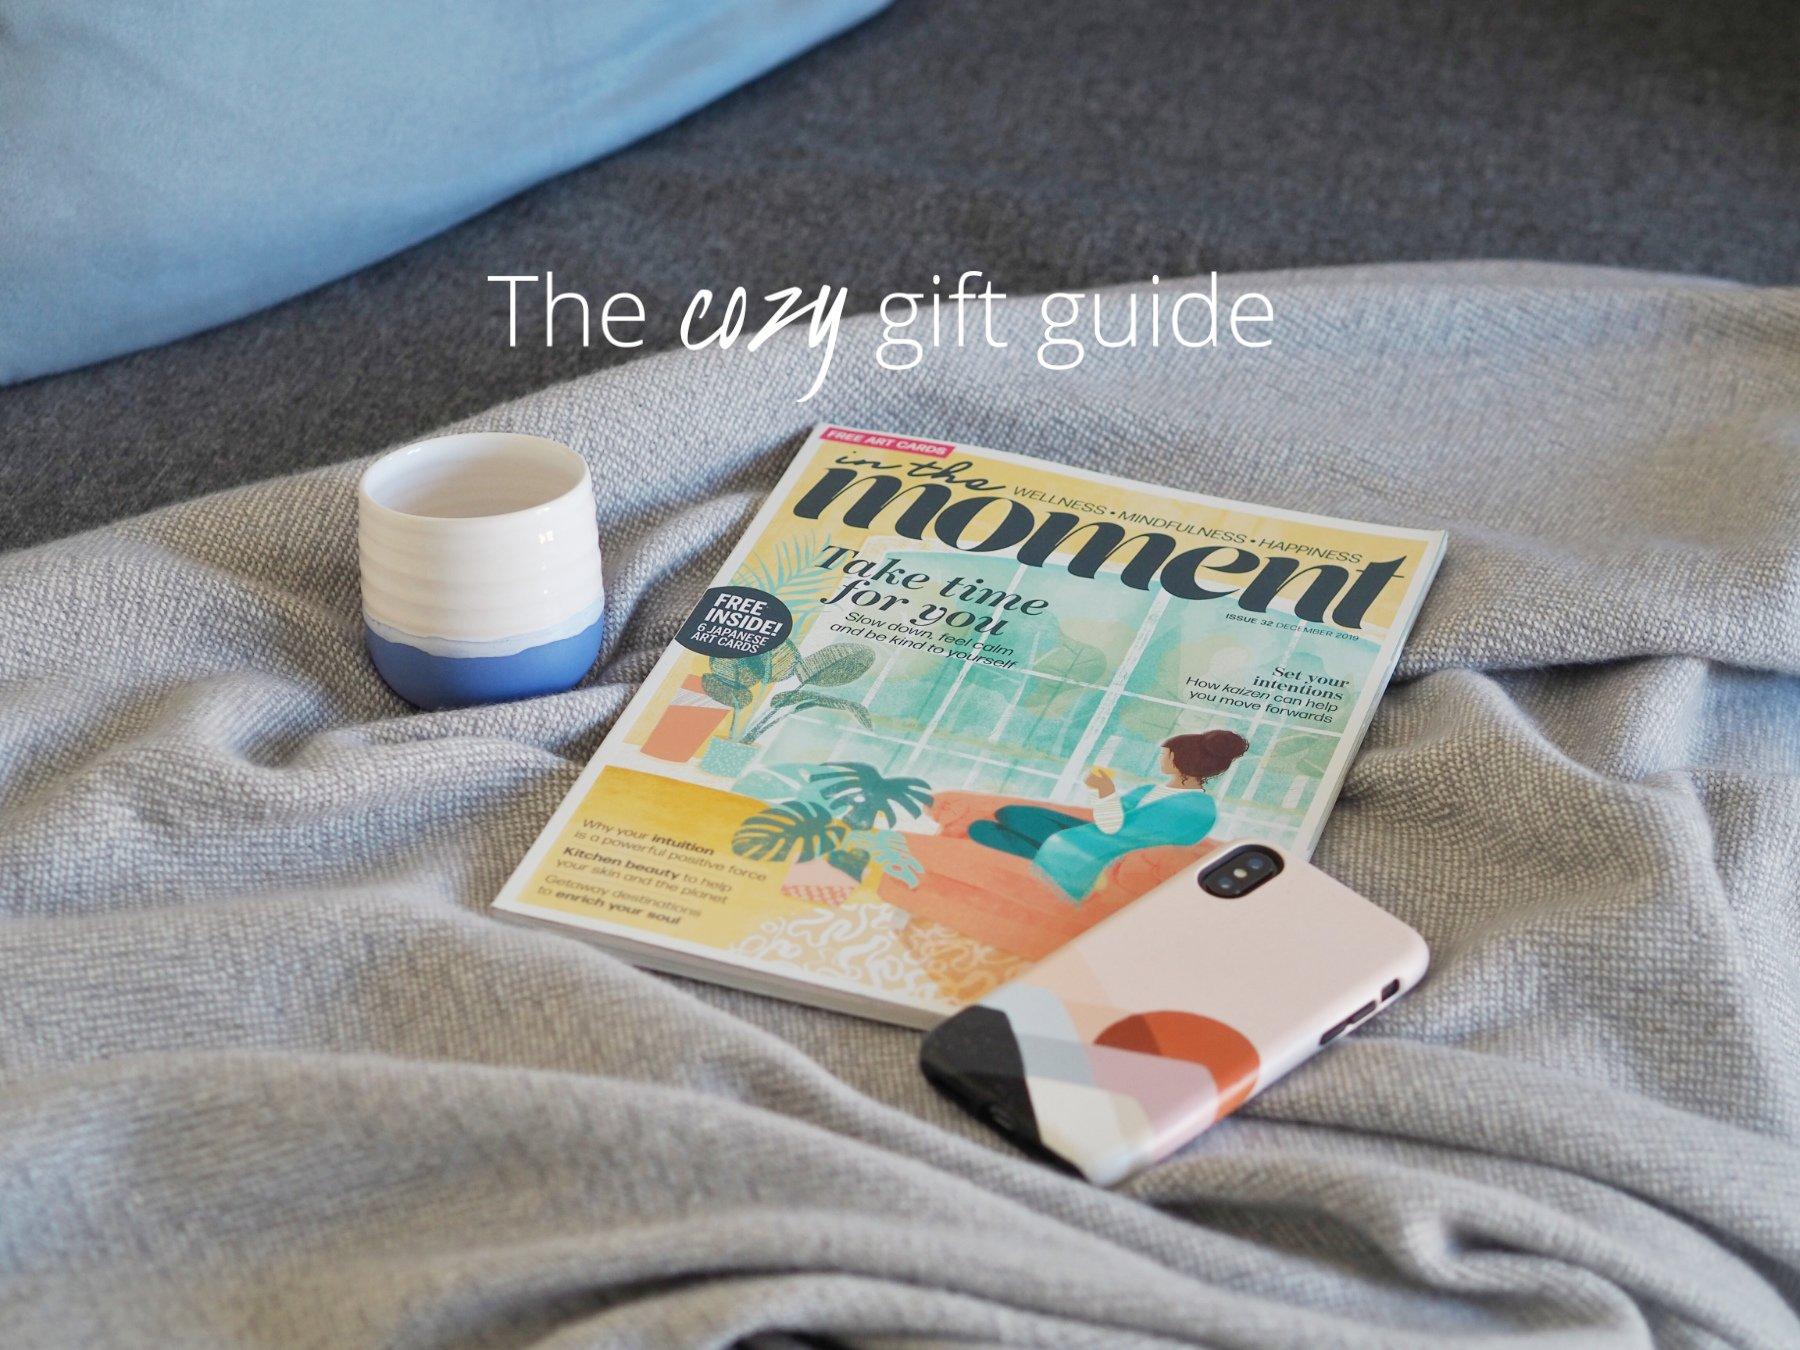 ThatScandinavianFeeling cozy gift guide